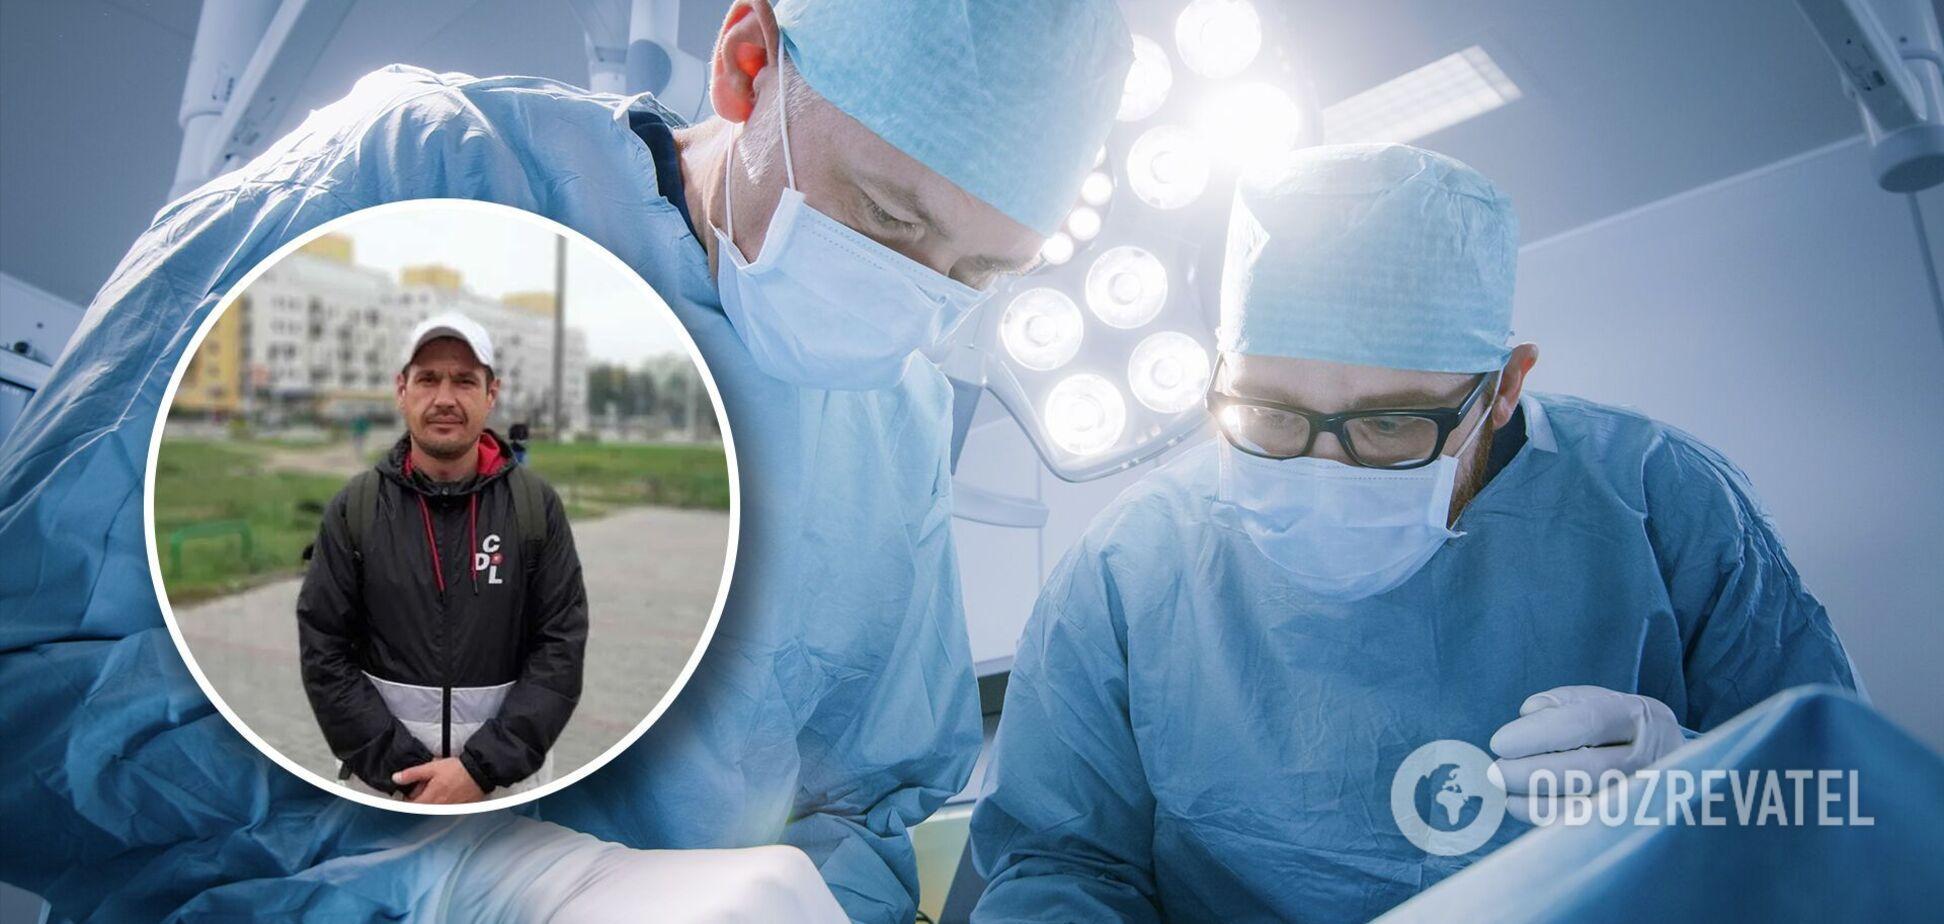 Знайшли побитого під лікарнею. Історія українця, який став донором органів і врятував чотирьох людей